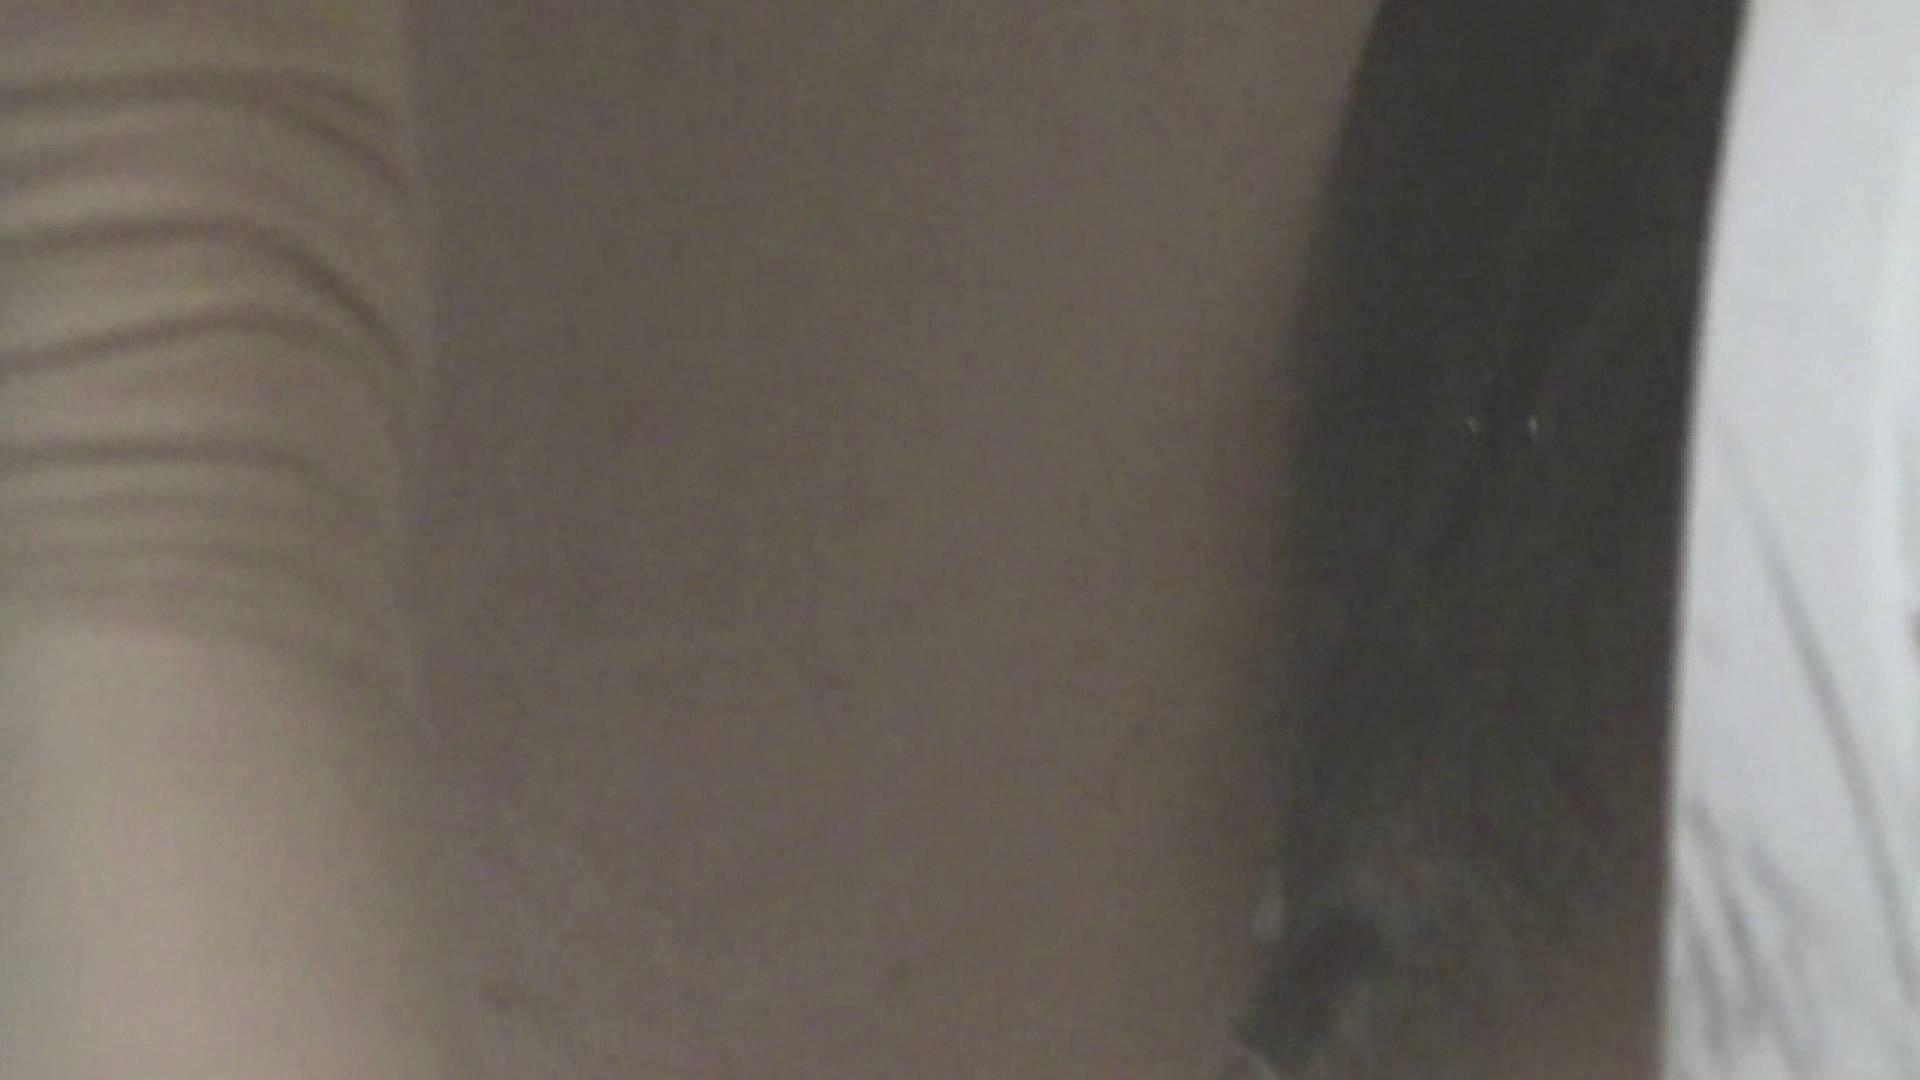 ロックハンドさんの盗撮記録File.38 マンコ無修正 盗み撮りAV無料動画キャプチャ 94画像 3